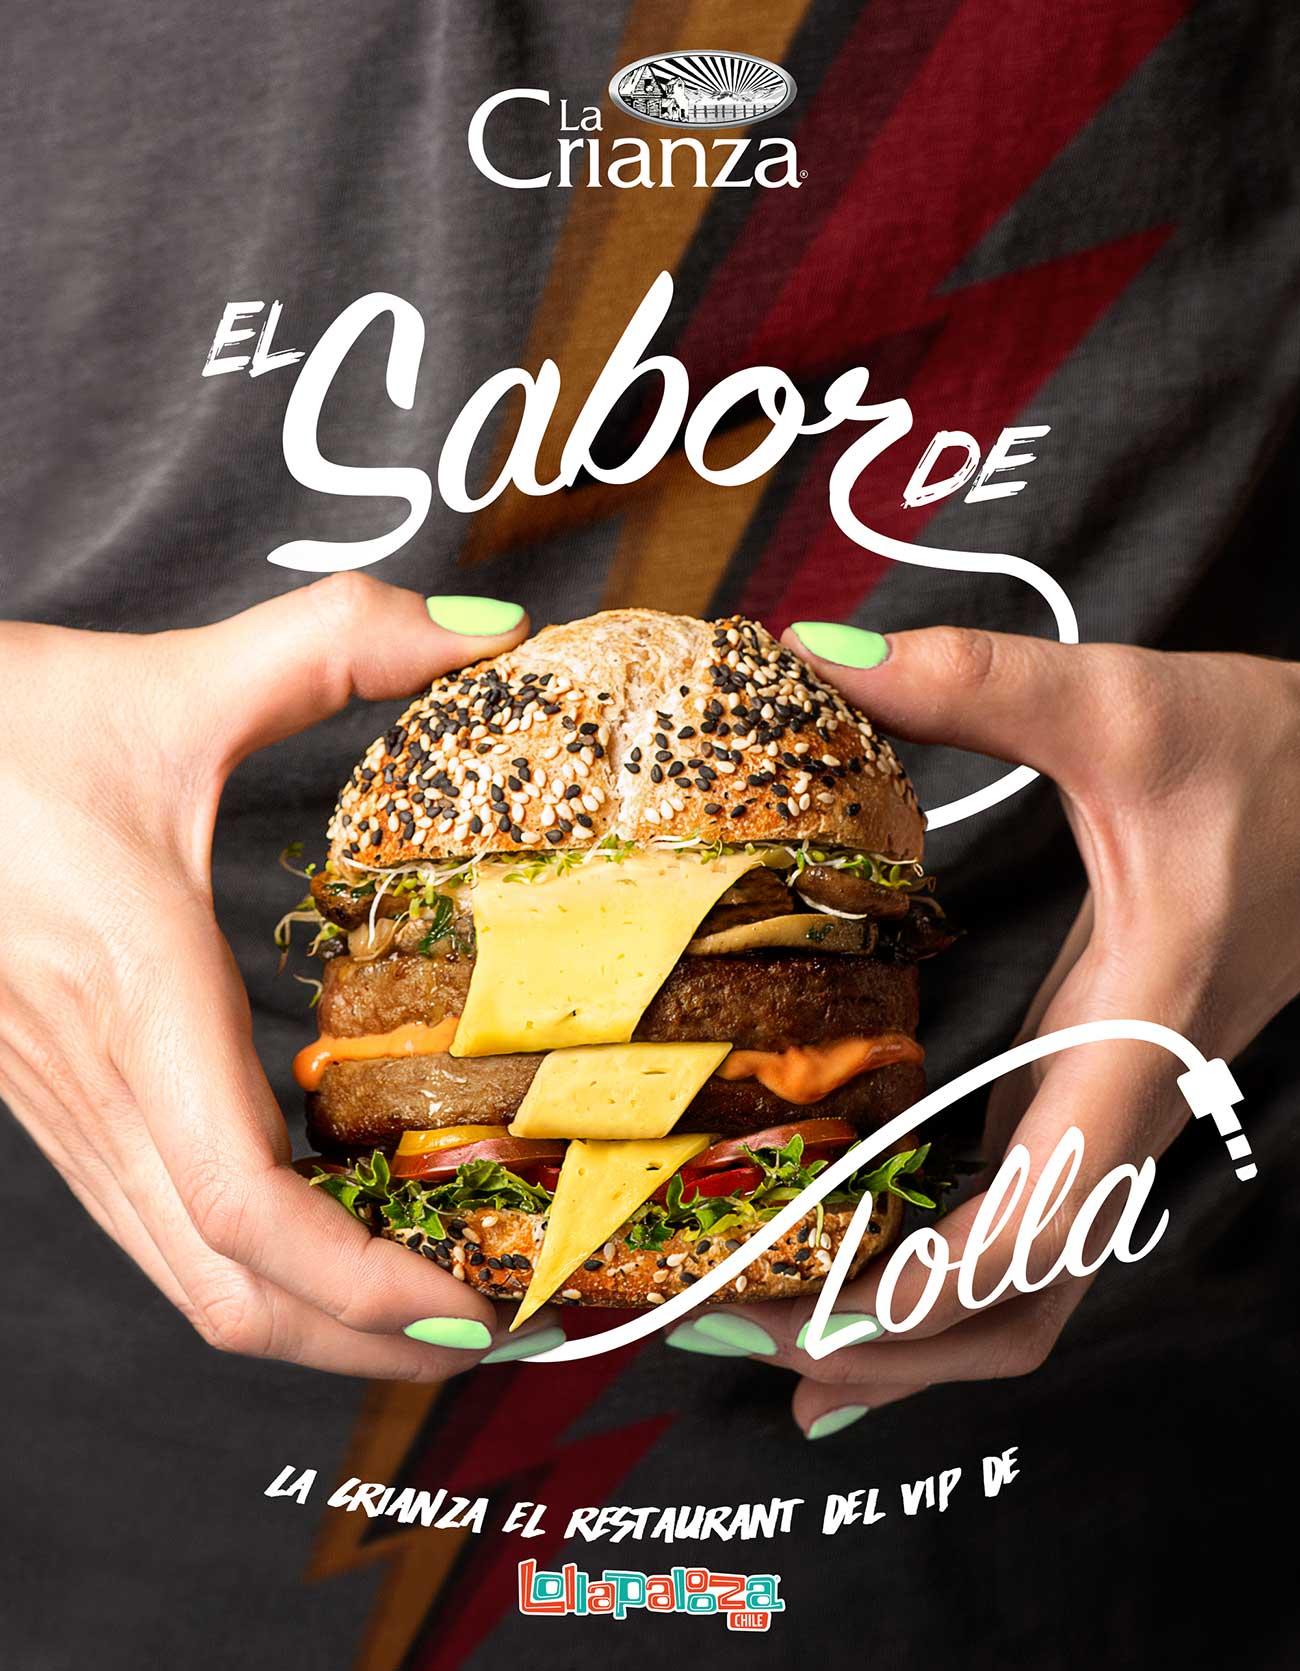 lollapalooza-hamburguesa-bowie-la-crianza-estudio-como